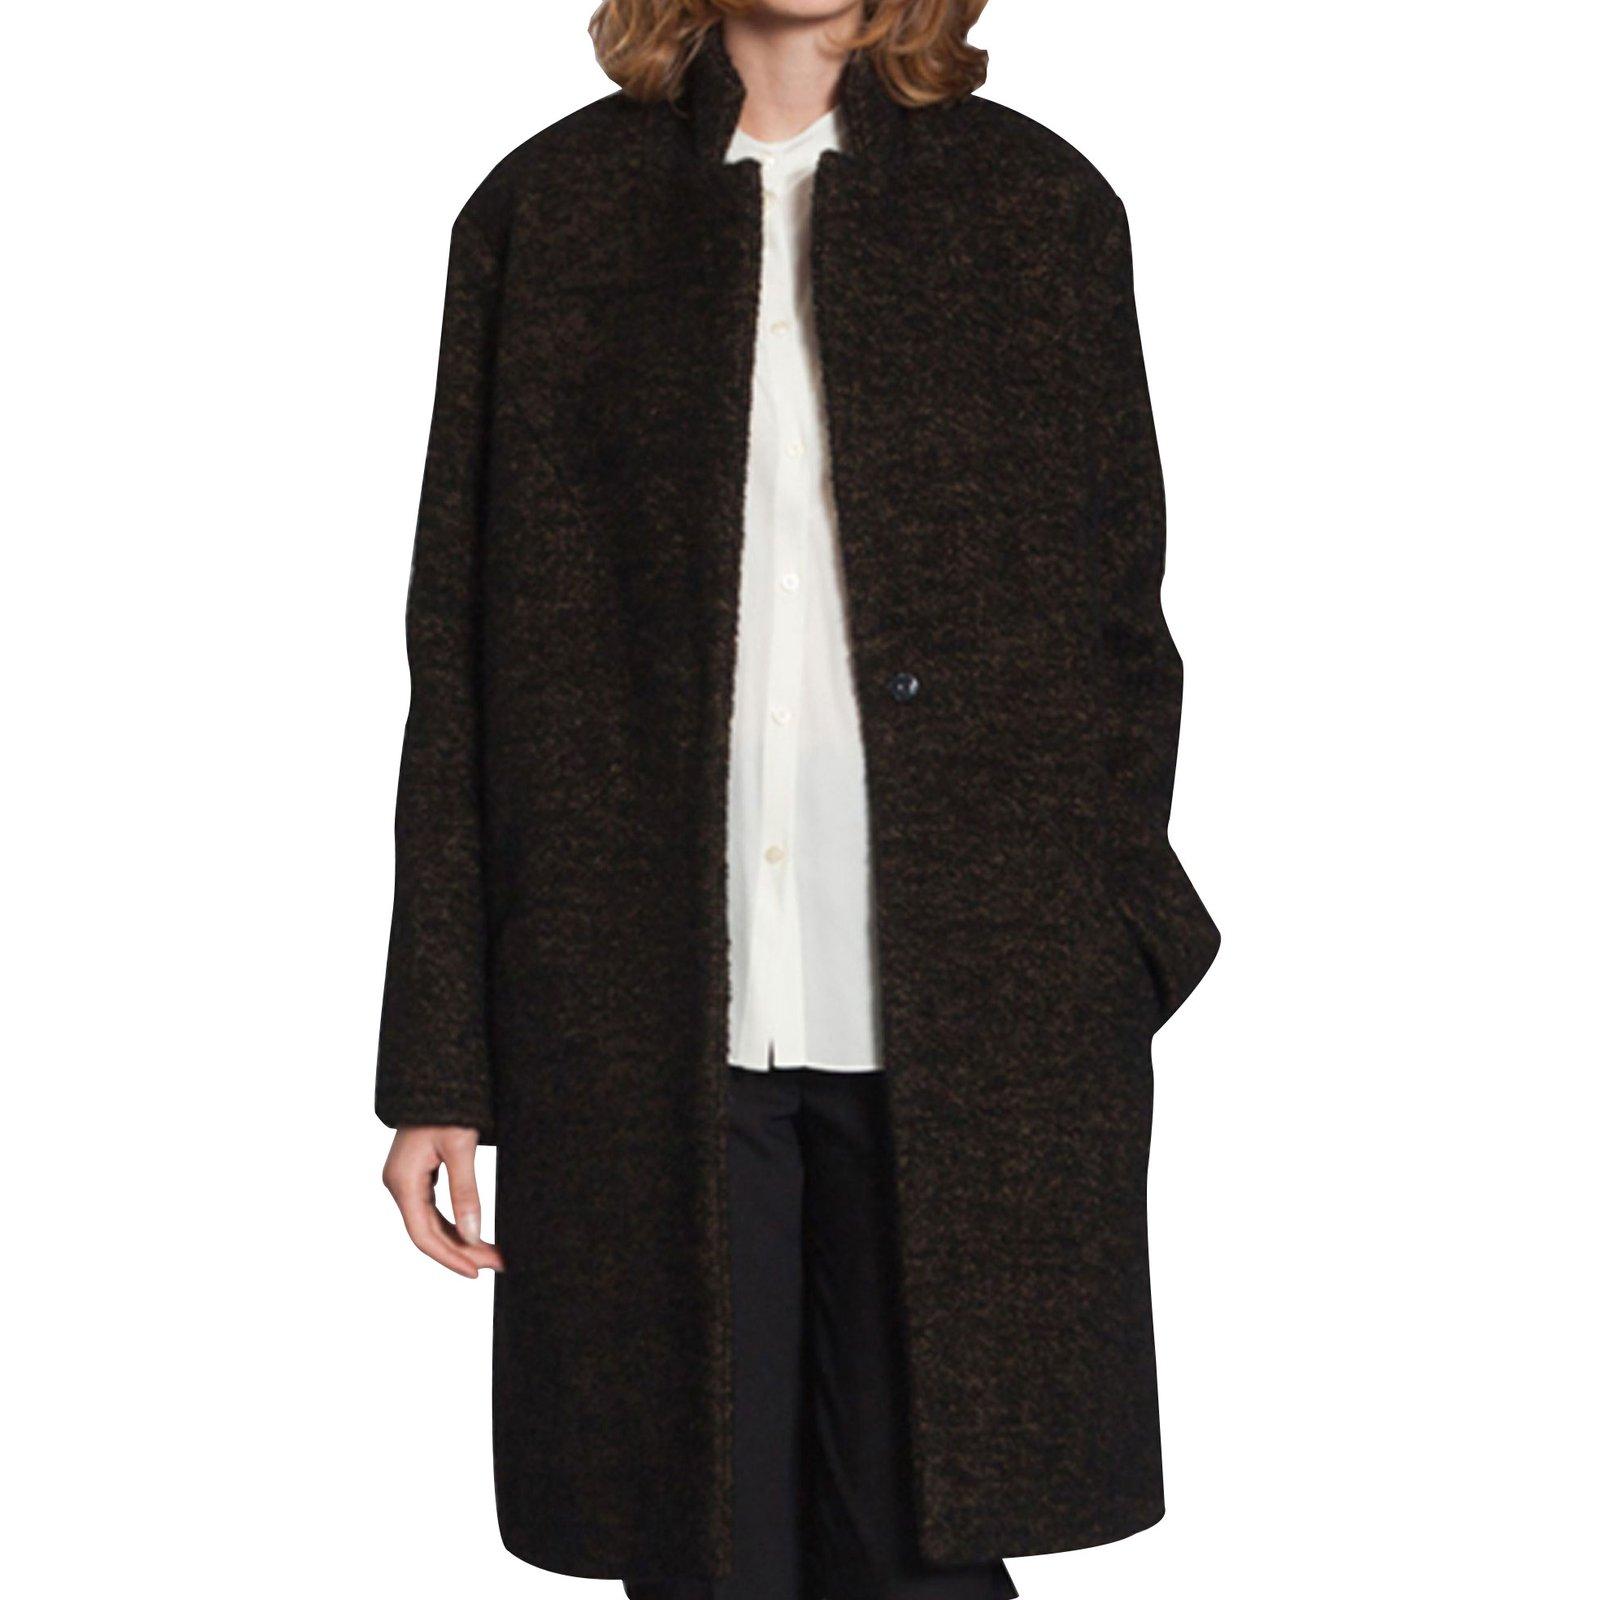 3cbe0fffe3 Cacharel Coats, Outerwear Coats, Outerwear Wool Black ref.13705 ...